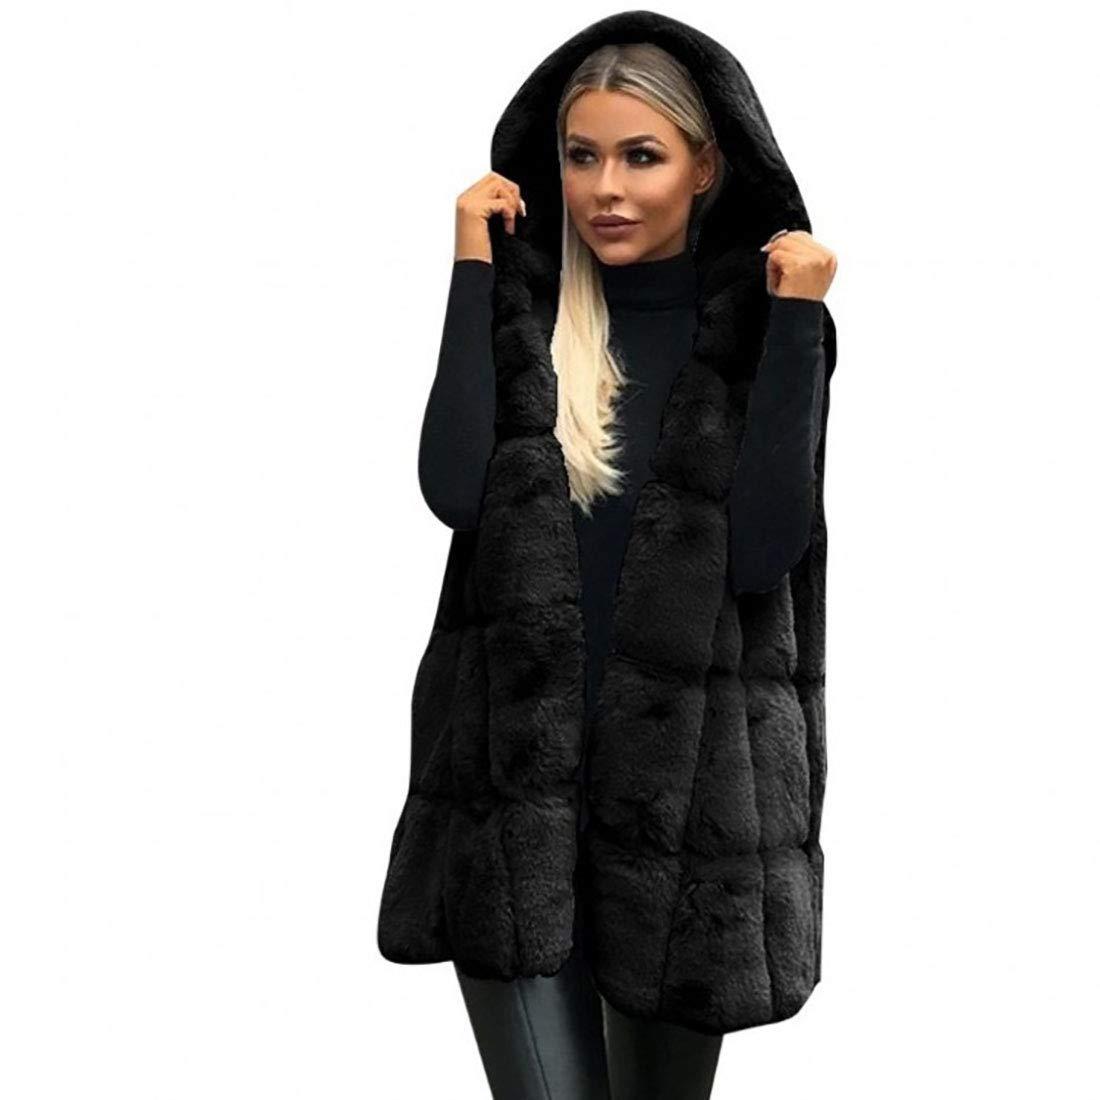 Yesgirl Donna Caldo Cardigan Senza Maniche Accogliente Morbido in Pelliccia Sintetica Tinta Unita Gilet Cappotto Invernali Eleganti Moda